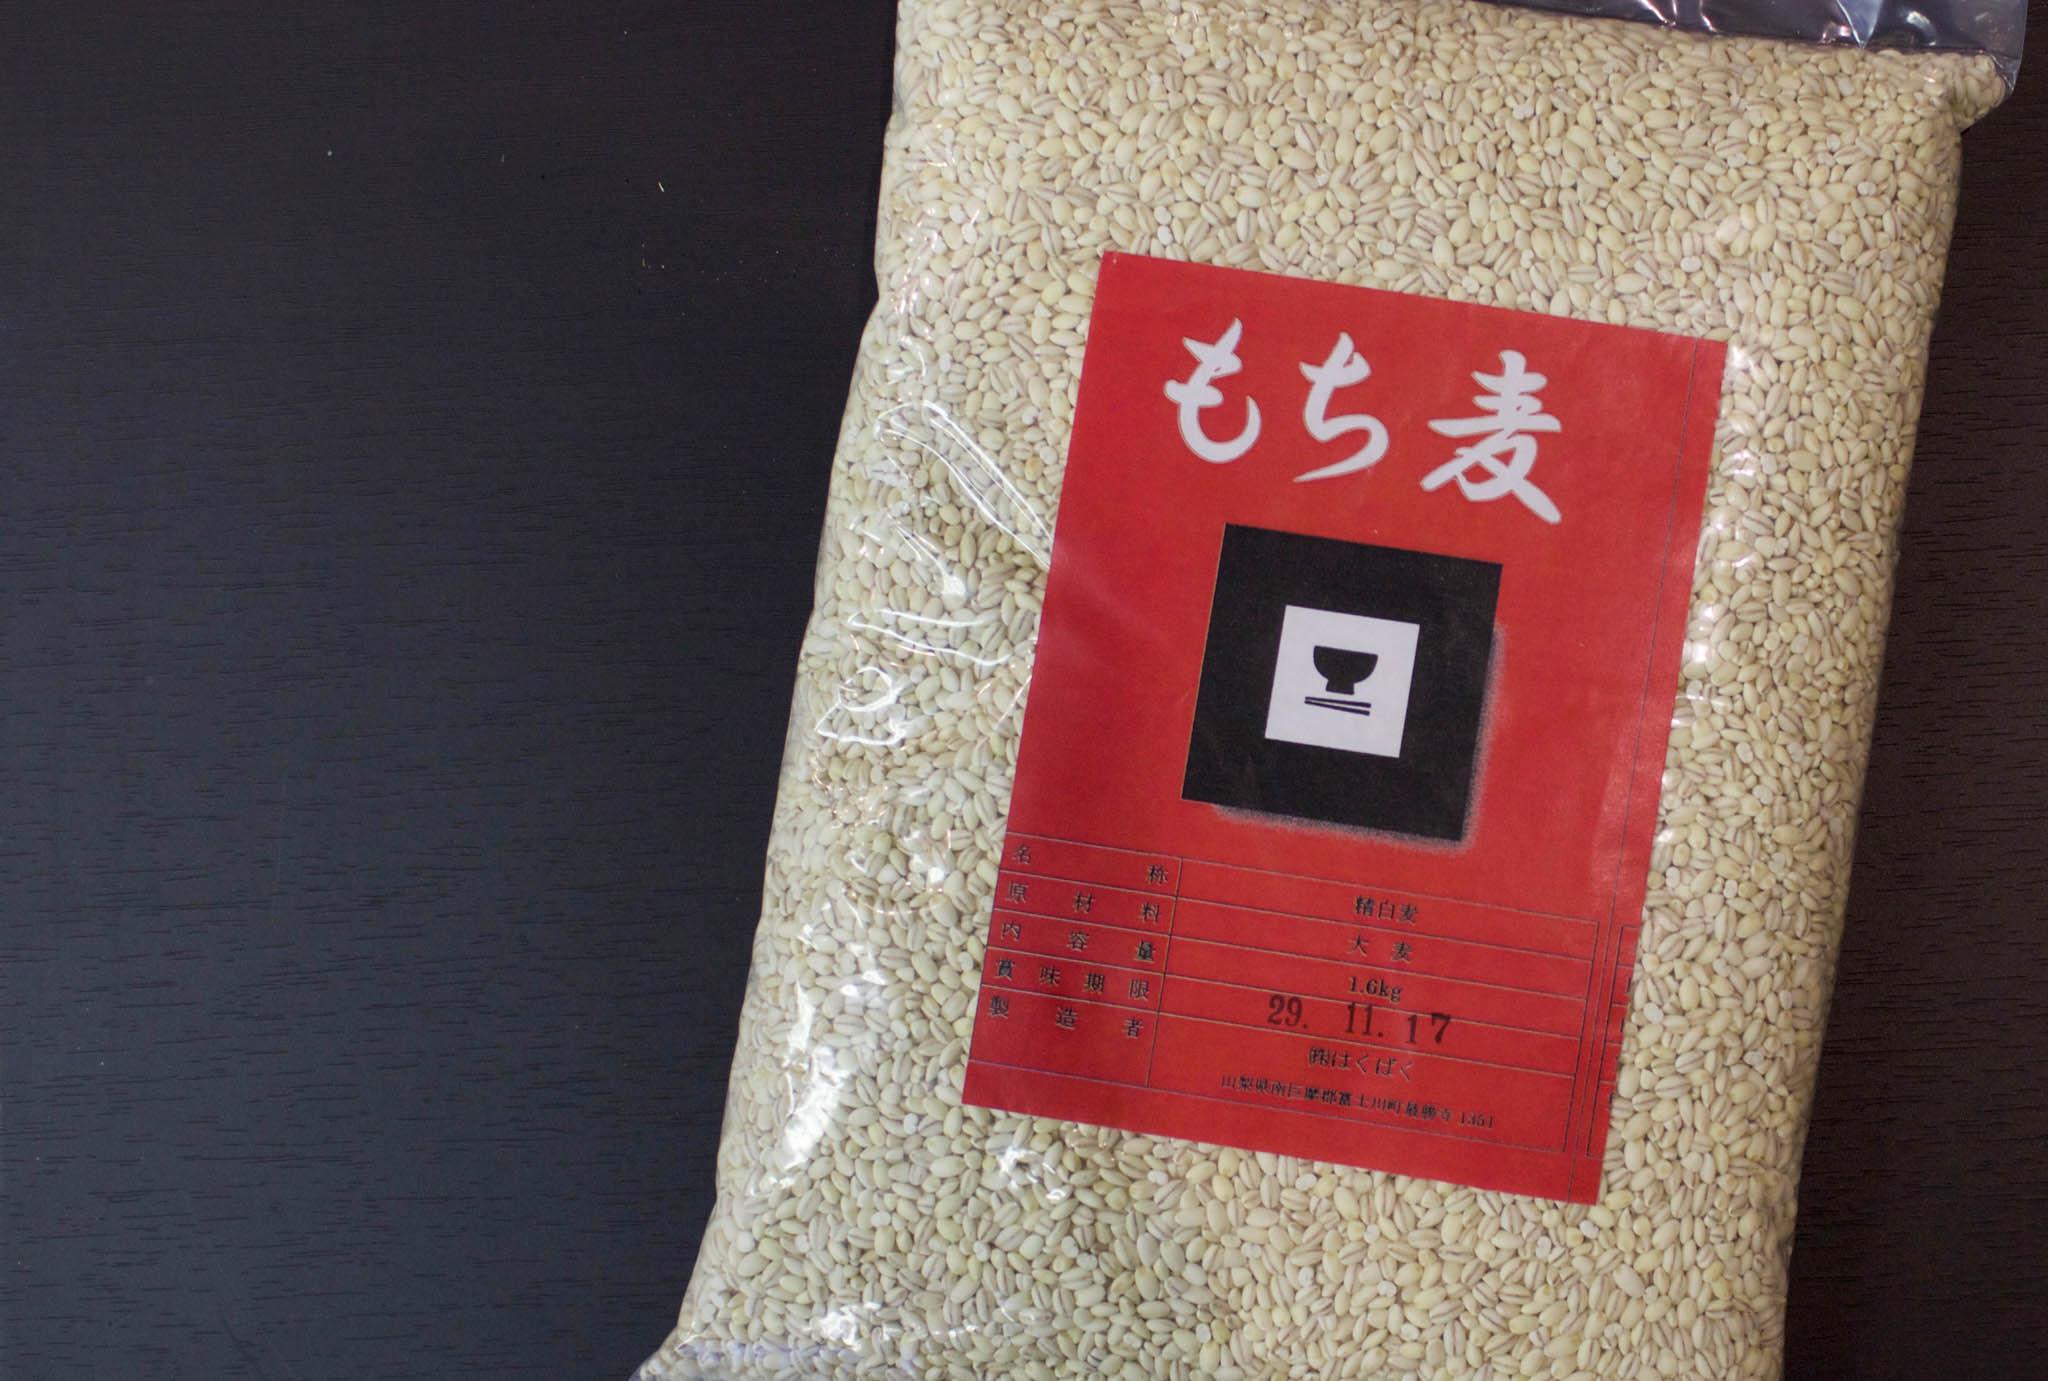 こんなにすごい「もち麦」のチカラ